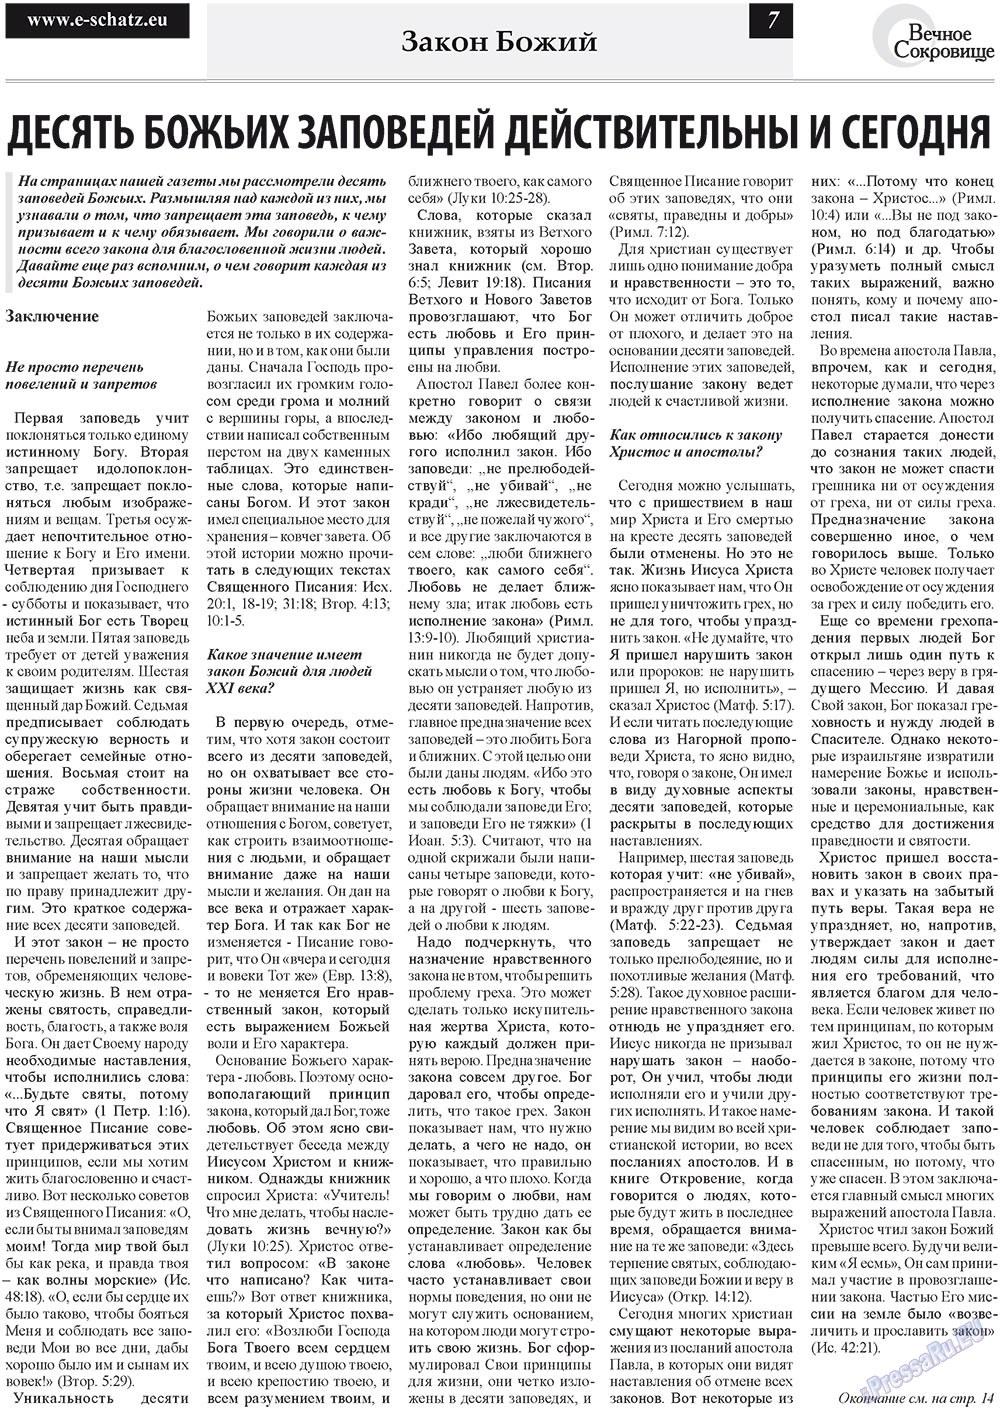 Вечное сокровище (газета). 2011 год, номер 3, стр. 7